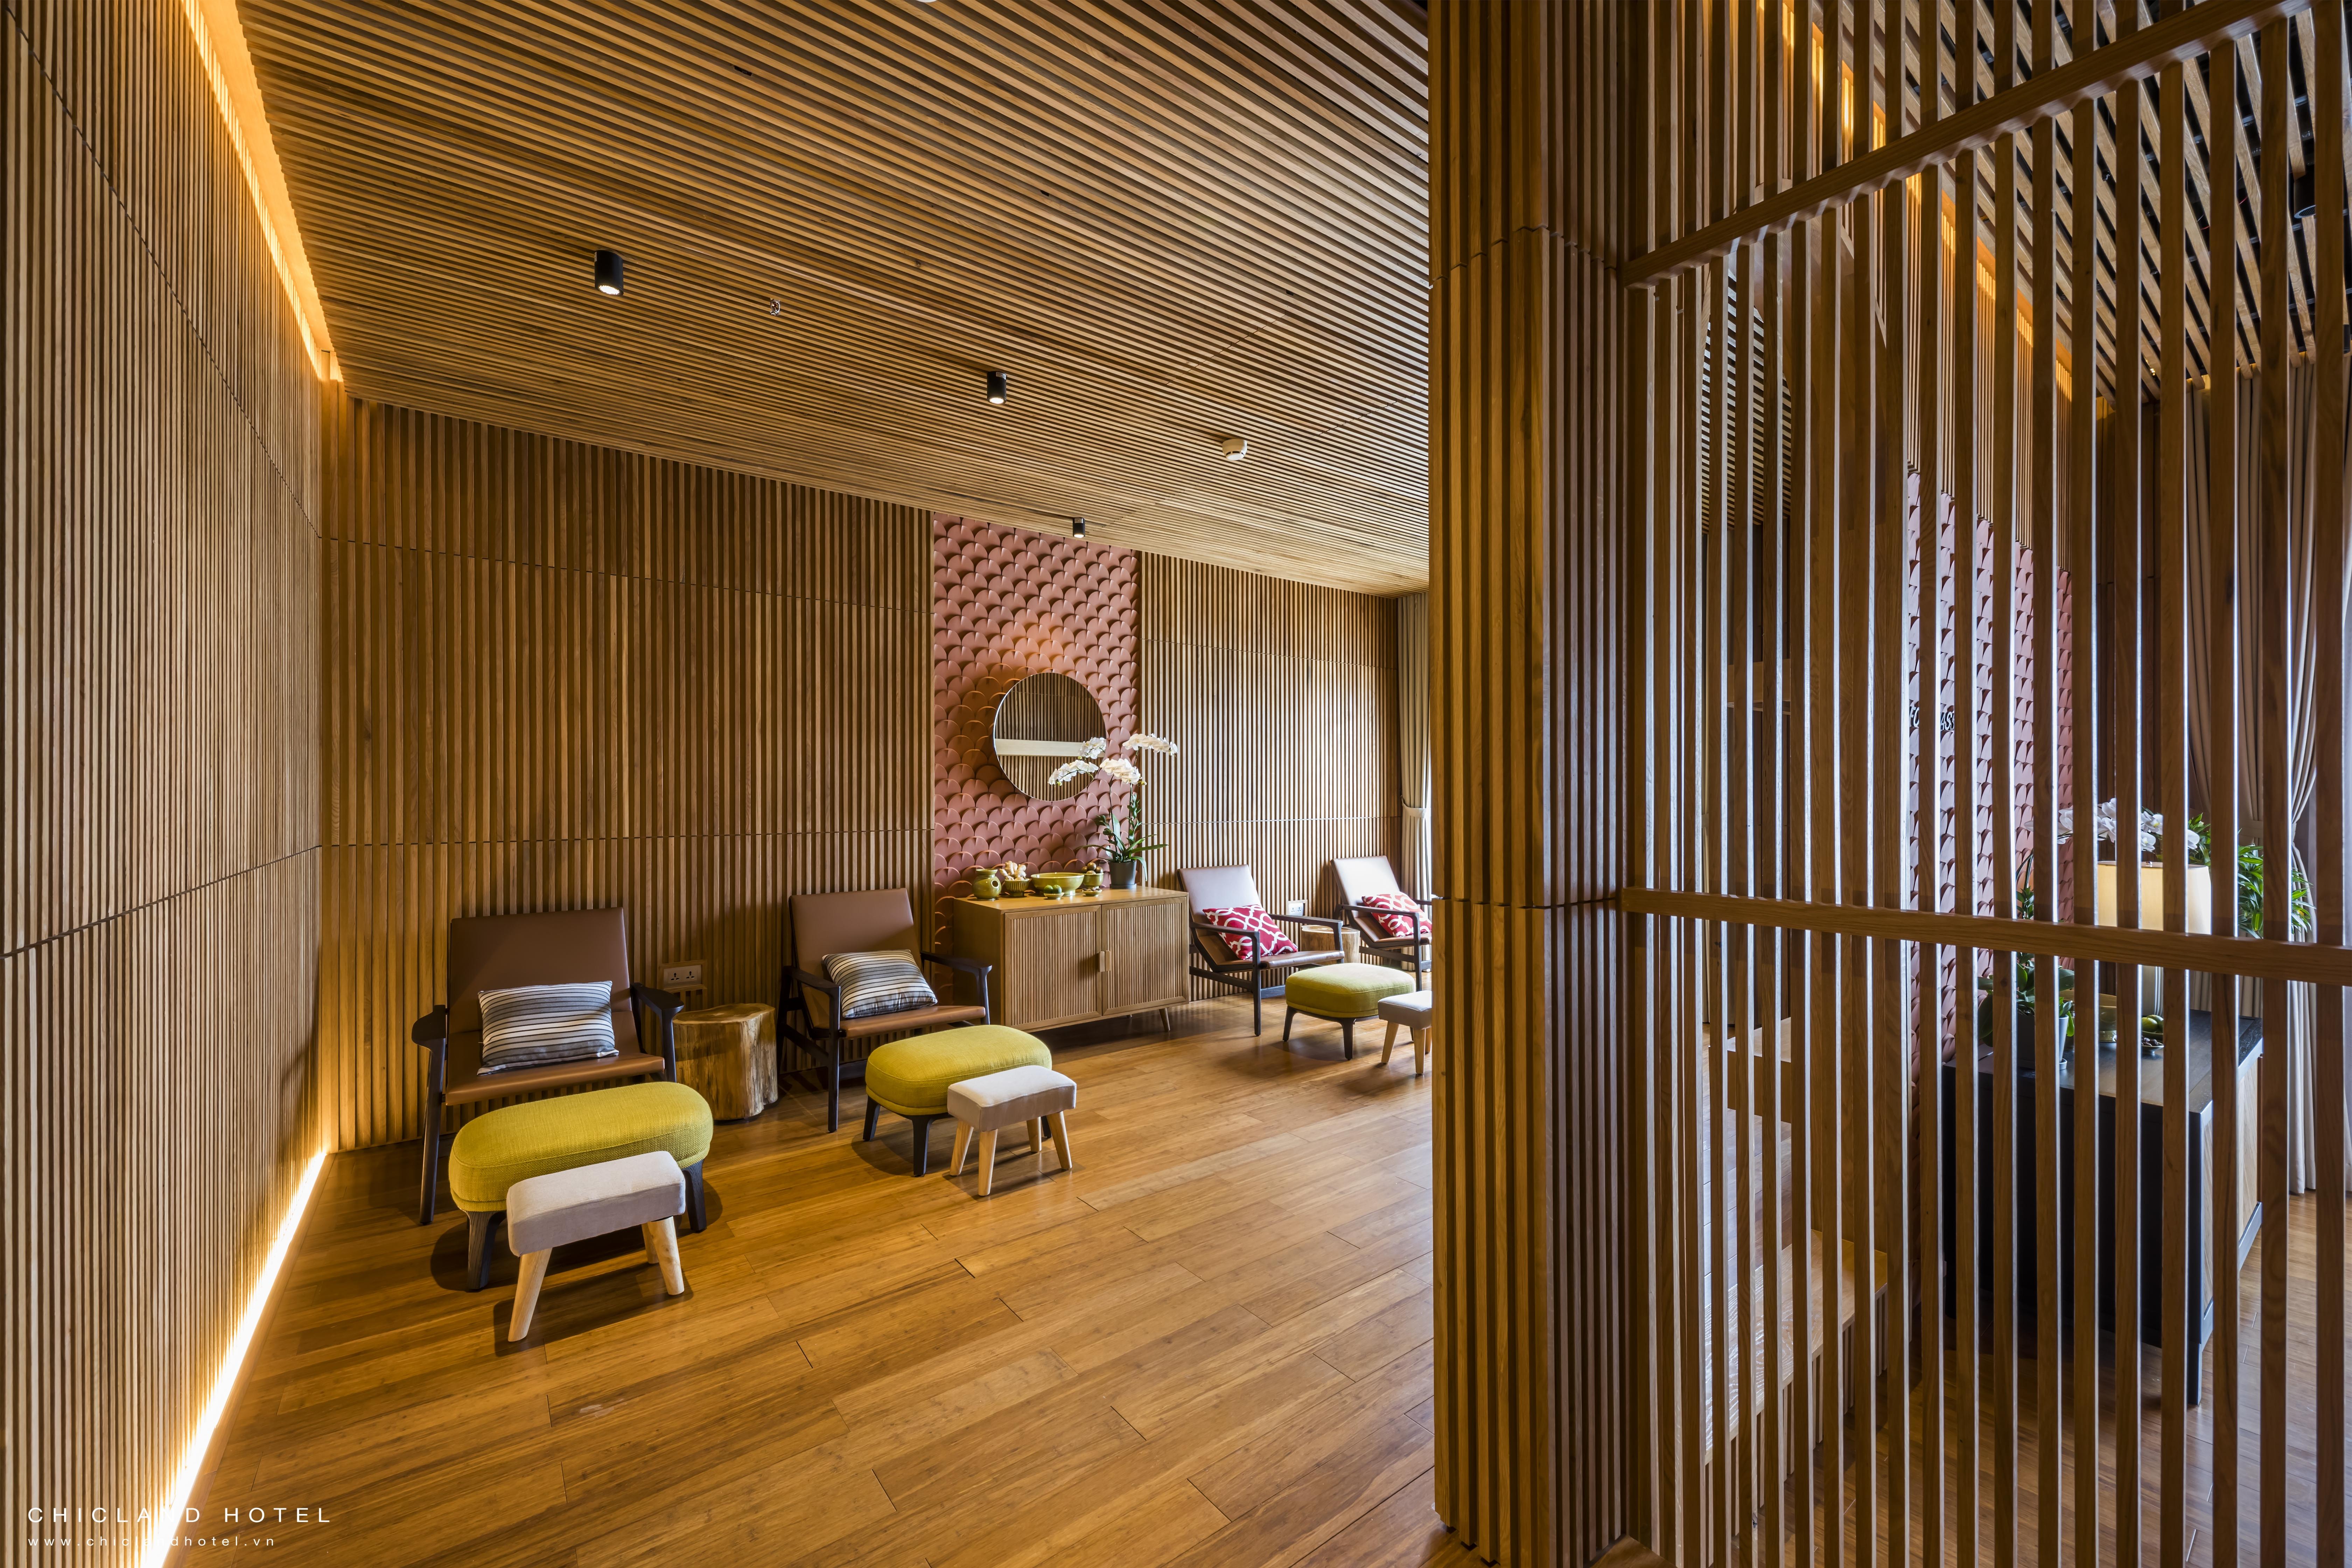 Spa at CHICLAND hotel